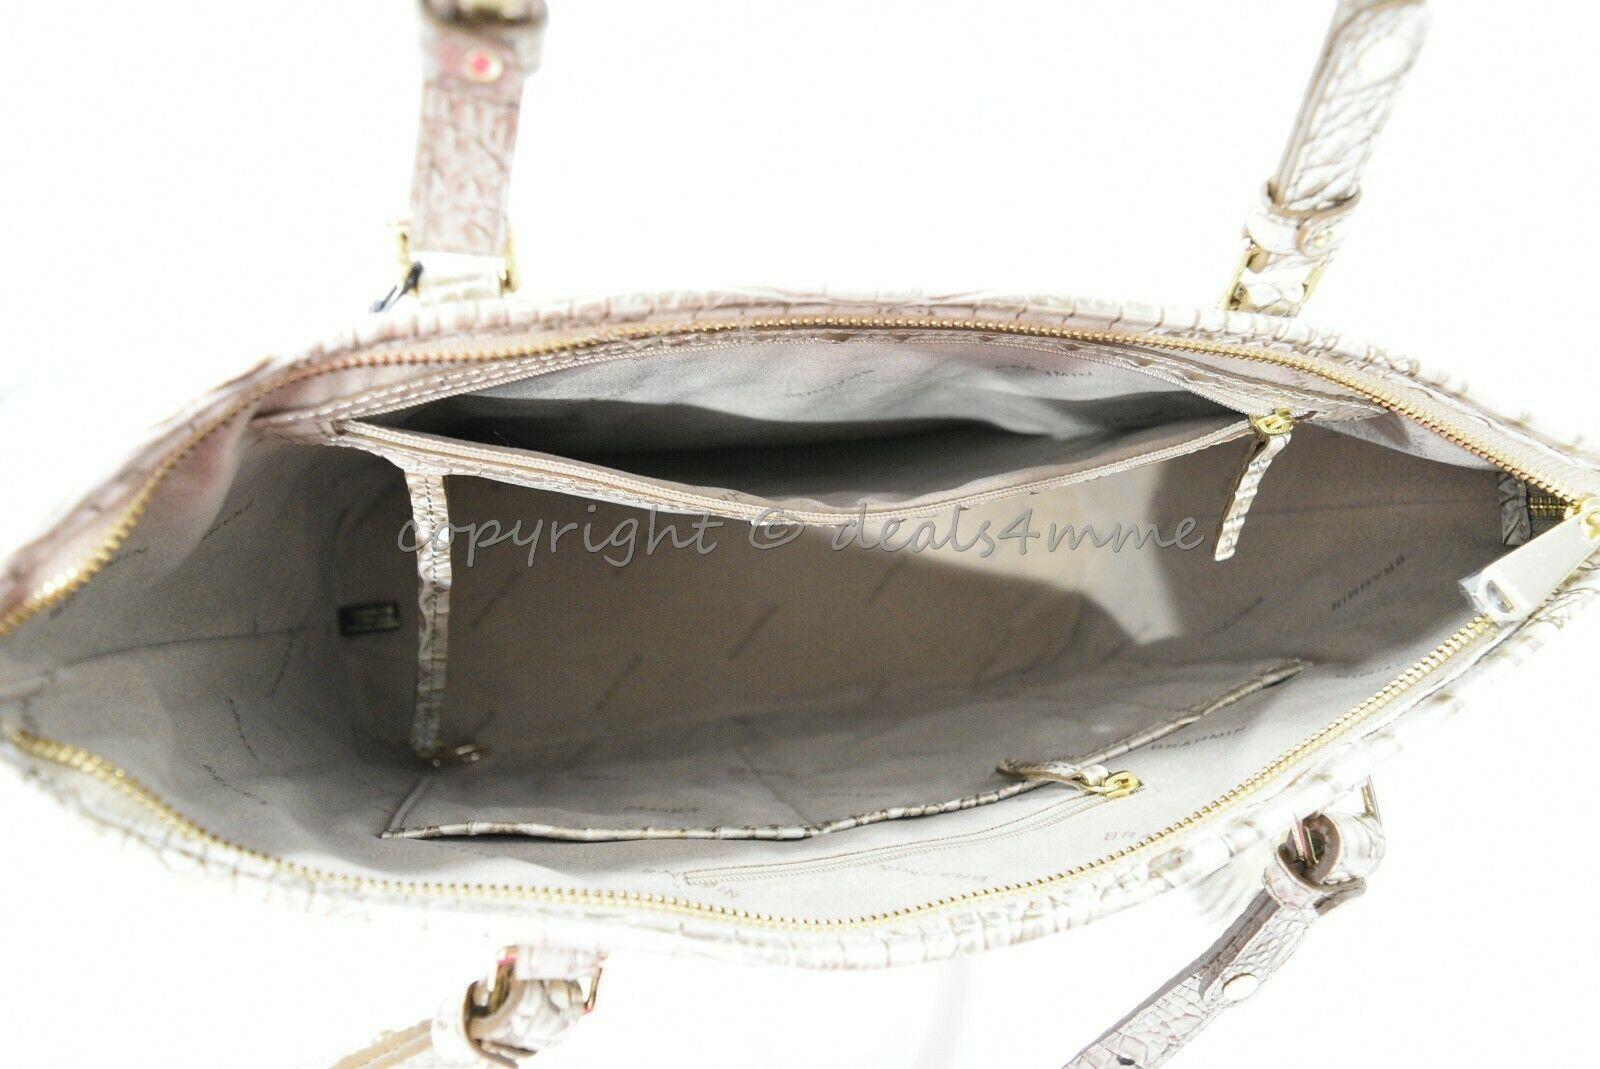 NWT Brahmin Medium Asher Leather Tote/Shoulder Bag Sugar Cane Melbourne image 6